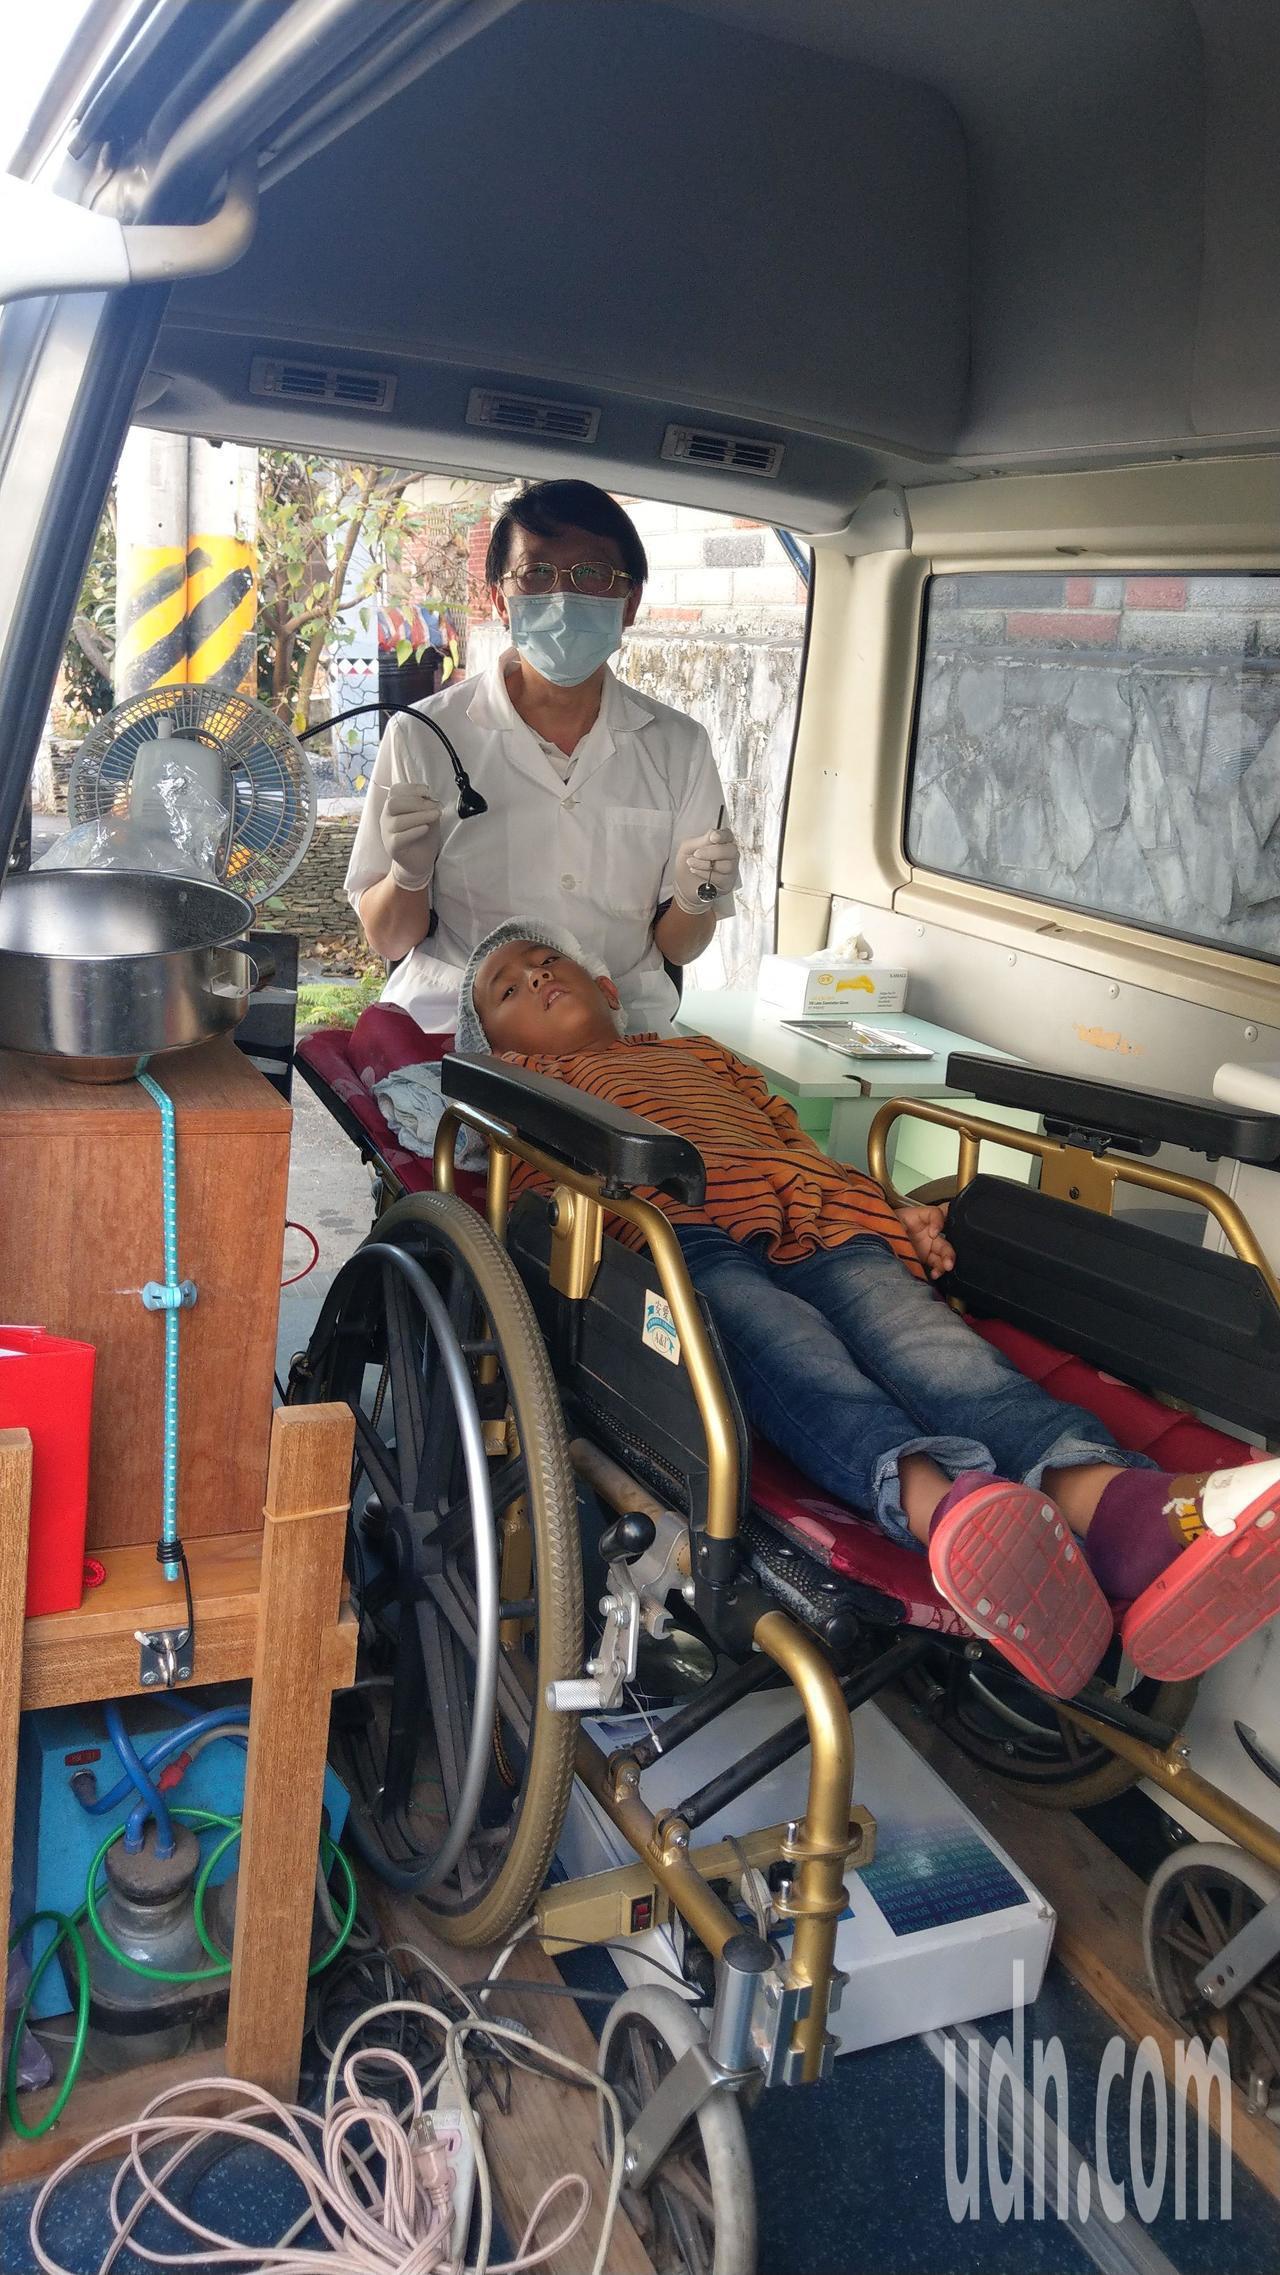 牙醫王佑崑以廂型車充當醫療車,輪椅搬進車內當診療椅,不鏽鋼桶加漏斗充當漱口水槽,...